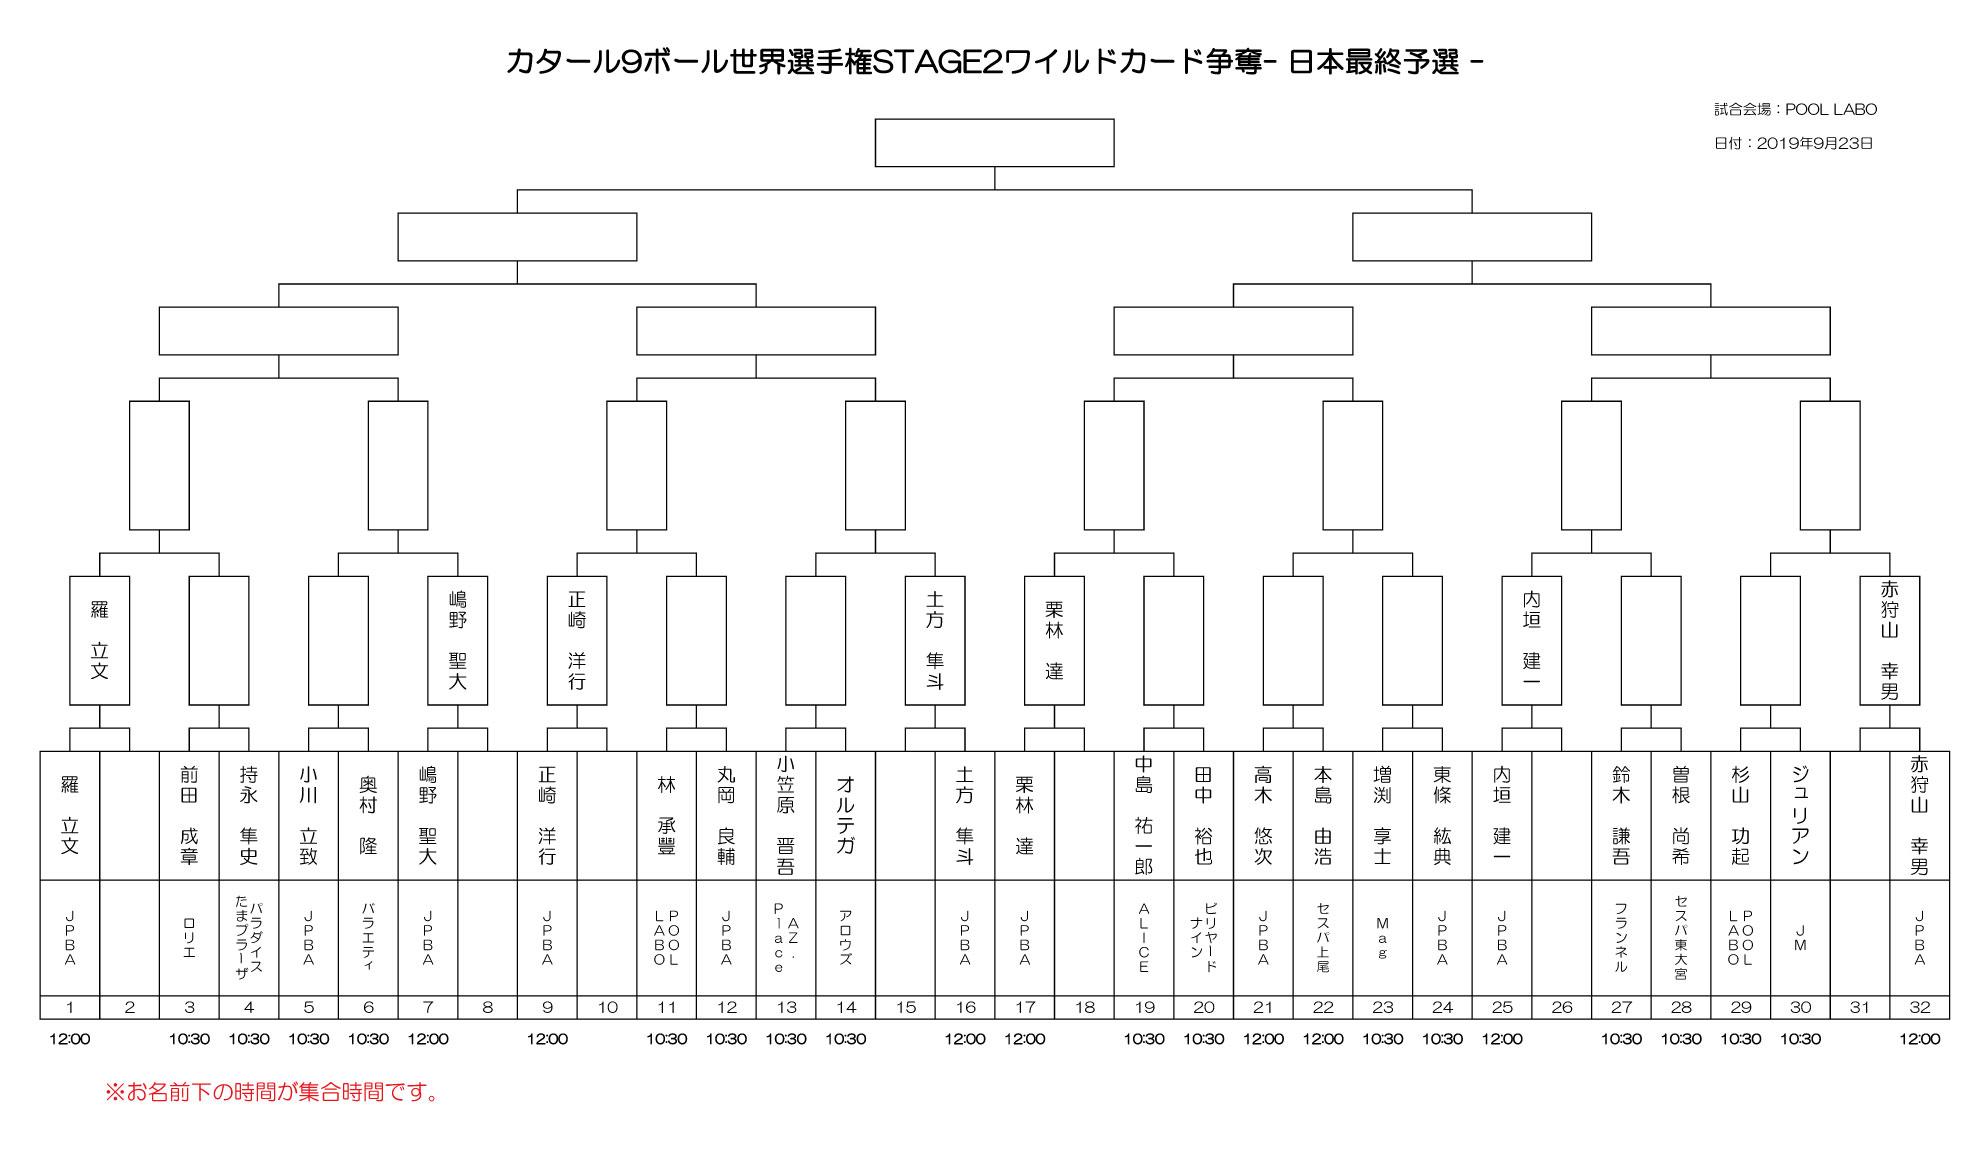 ワールドナインボールチャンピオンシップ STAGE2ワイルドカード争奪日本最終予選トーナメント表